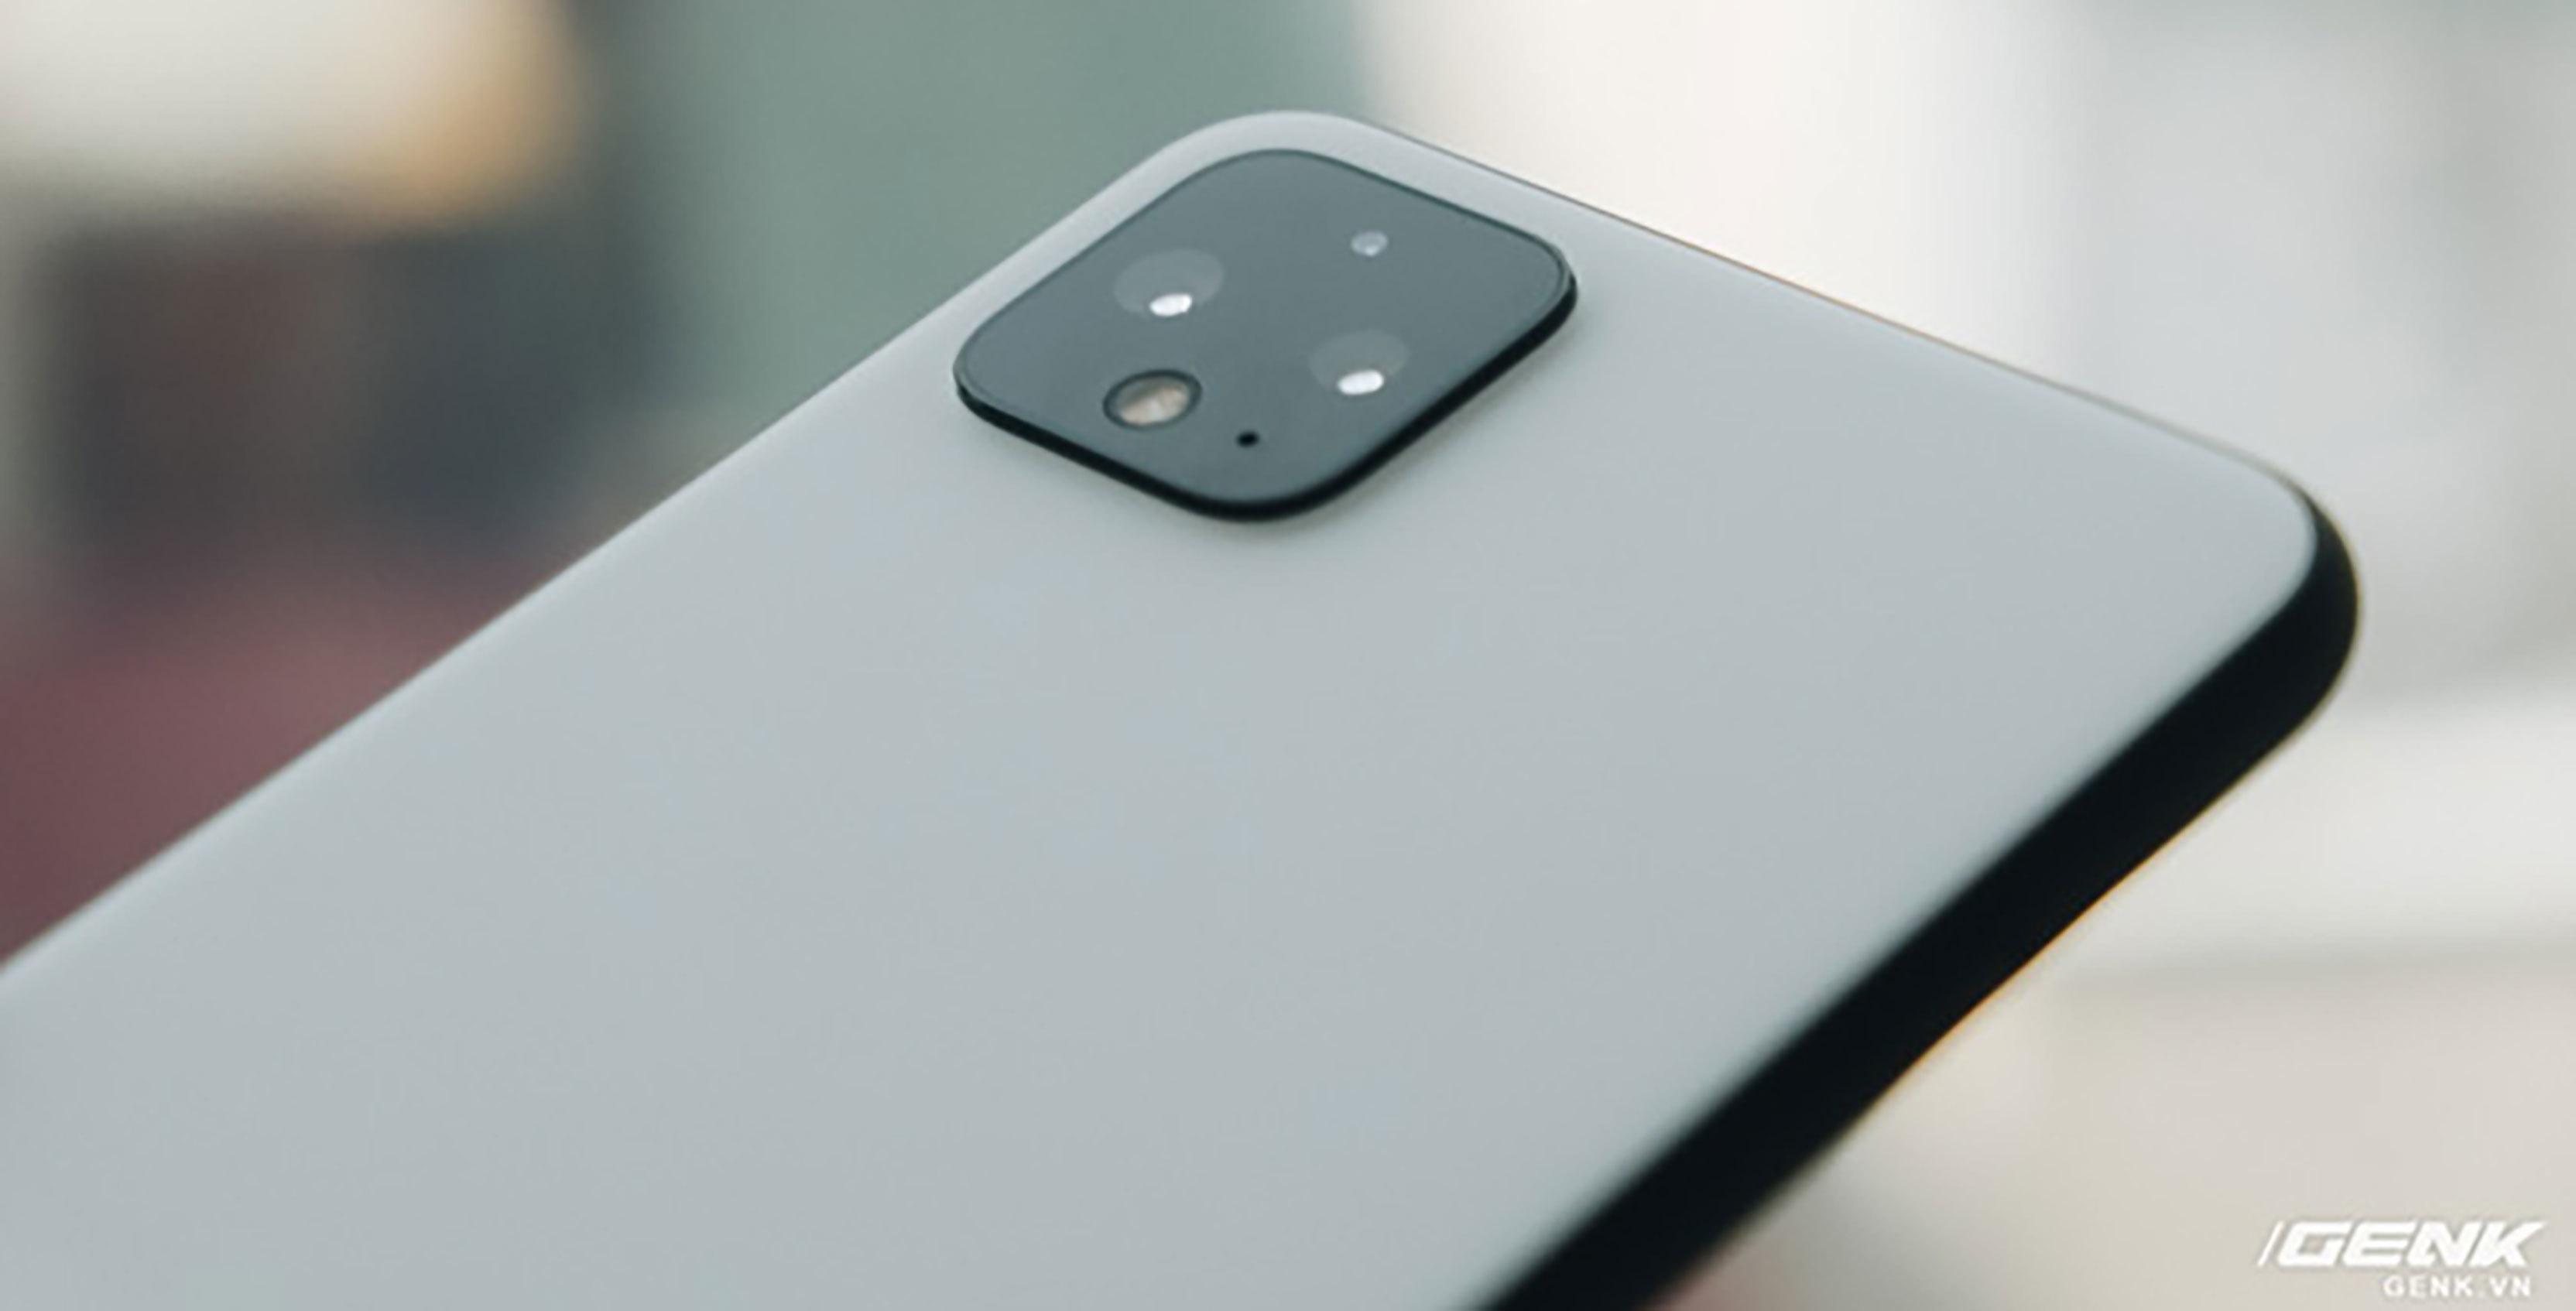 Любители смартфонов издеваются над утечками о никому не нужном флагмане Google Pixel 4